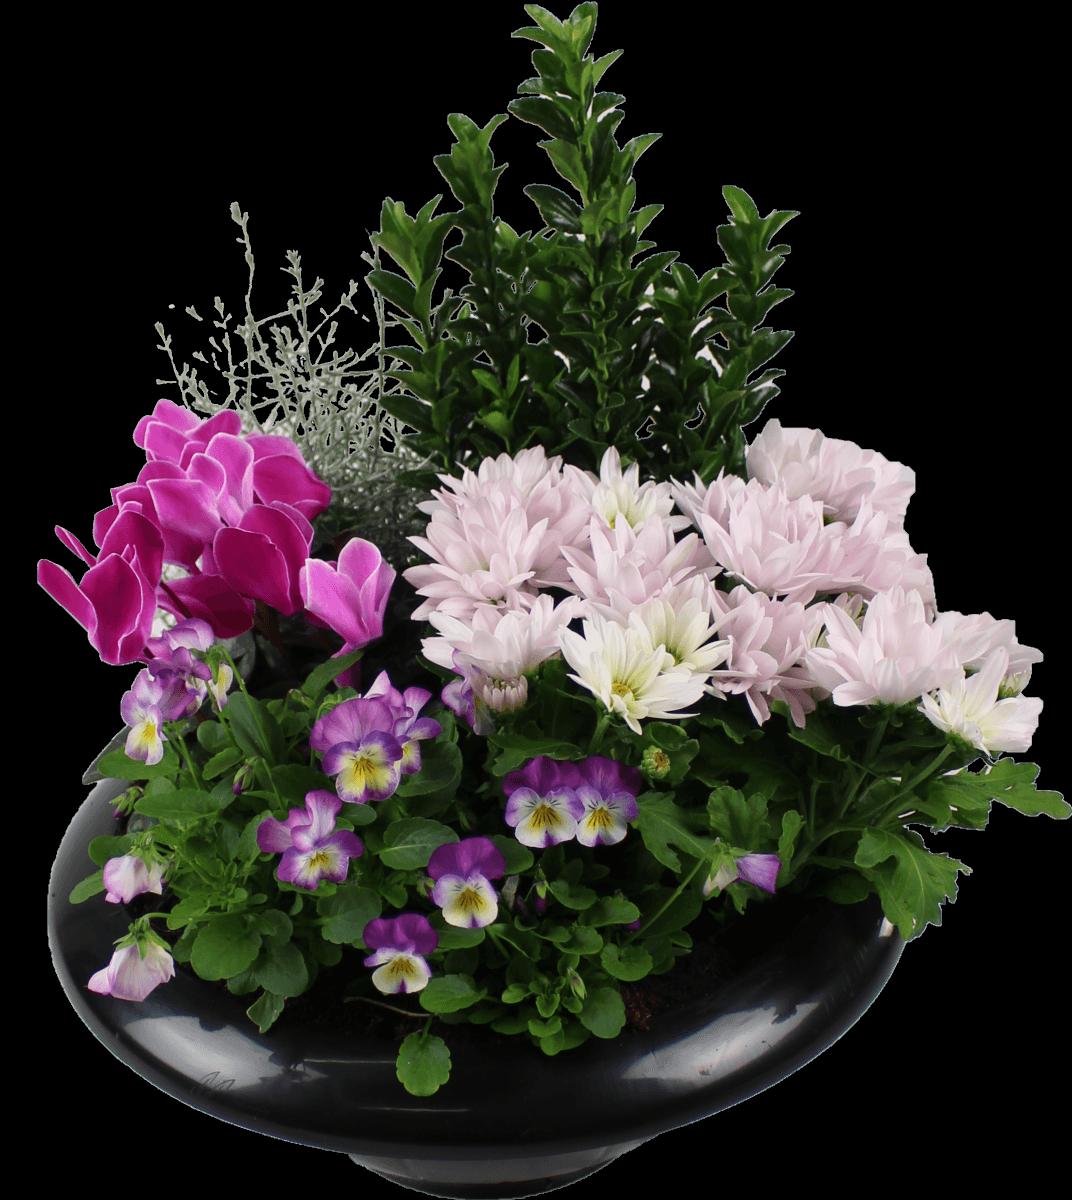 la fontaine fleurie livraison coupes de fleurs vari es compi gne. Black Bedroom Furniture Sets. Home Design Ideas